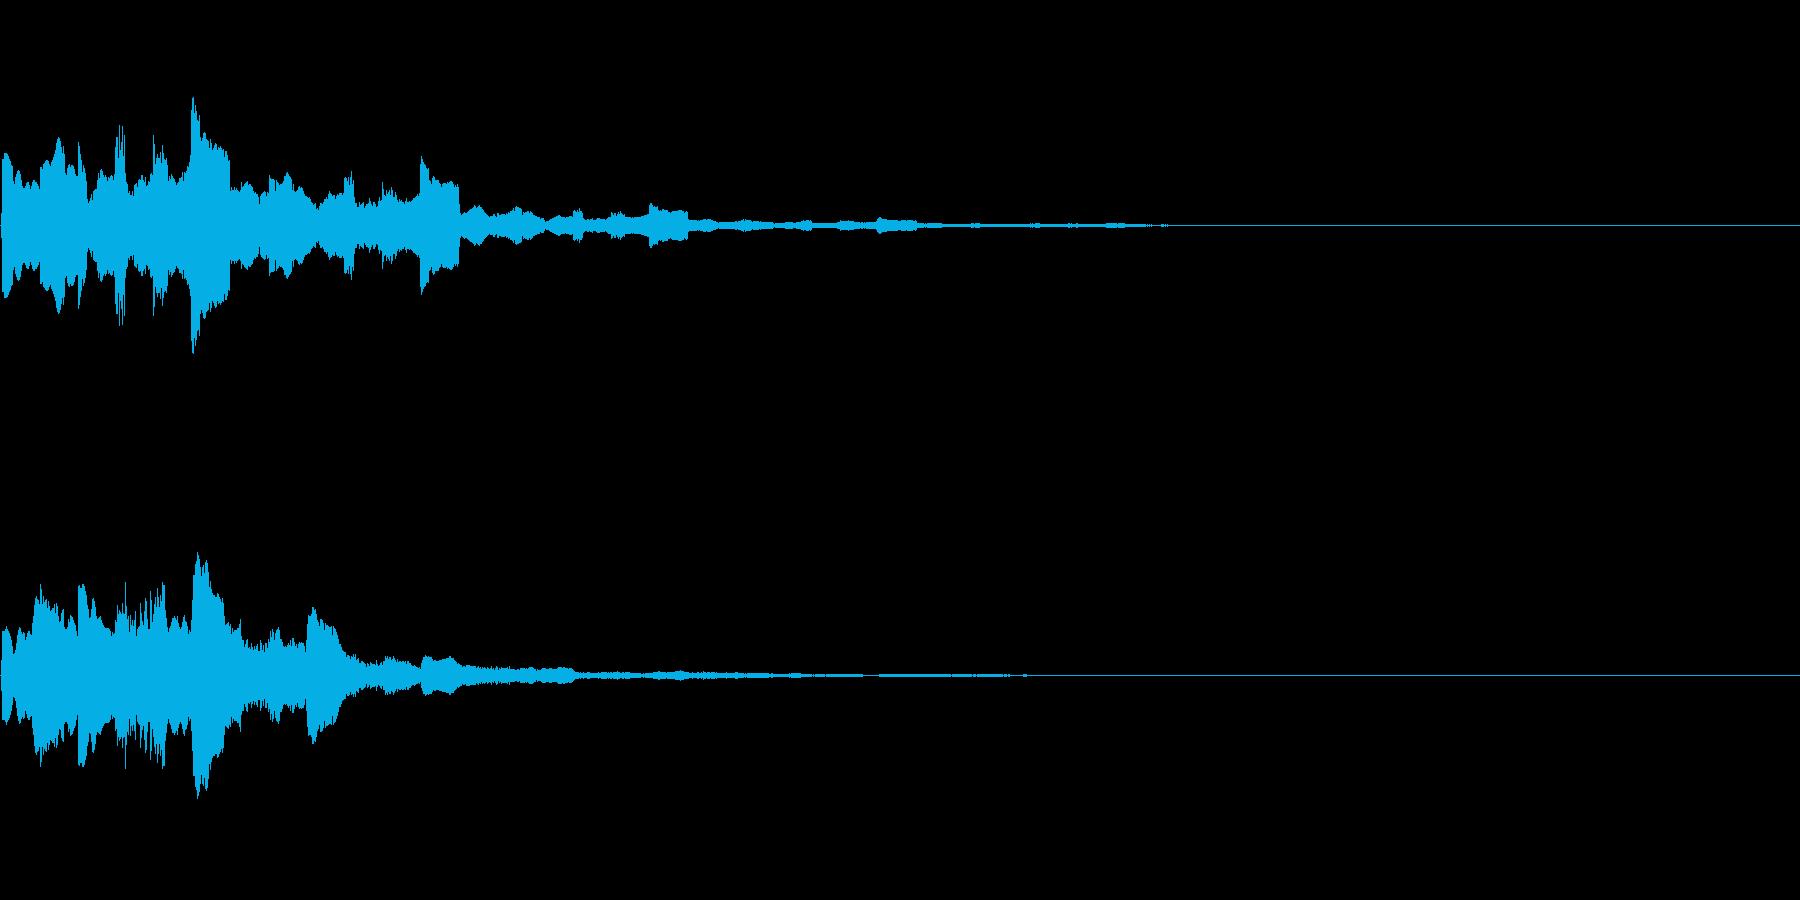 KANT入店音系アイキャッチ1回の再生済みの波形